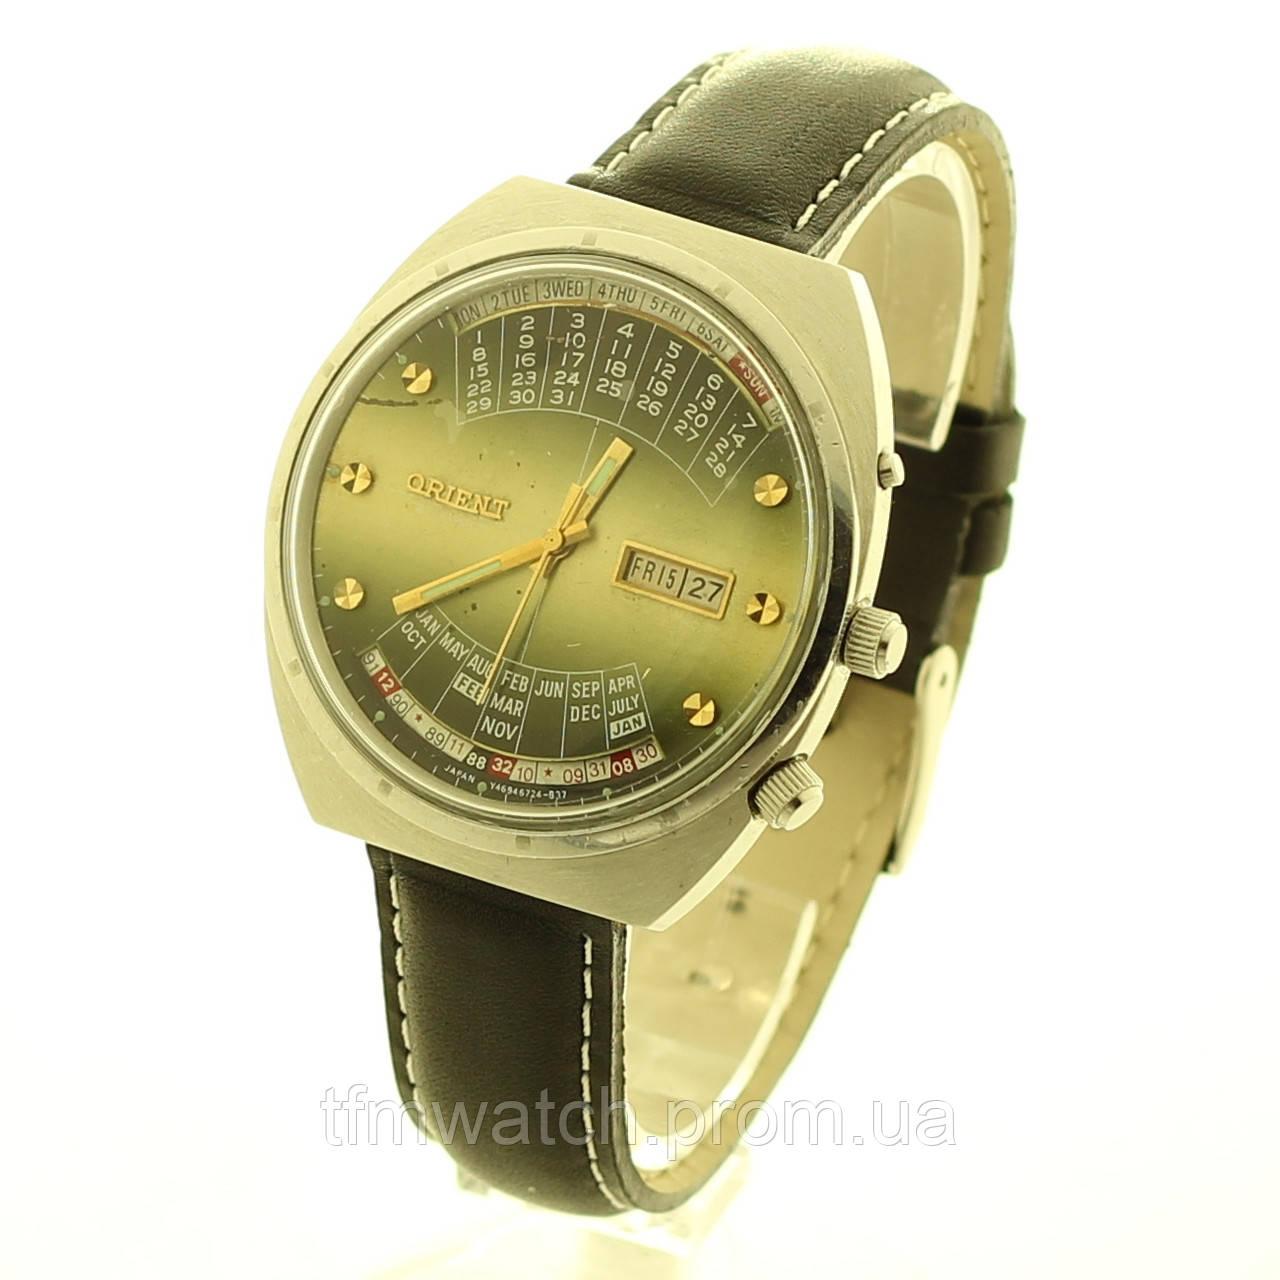 Orient коледж механические часы автоподзавод Япония